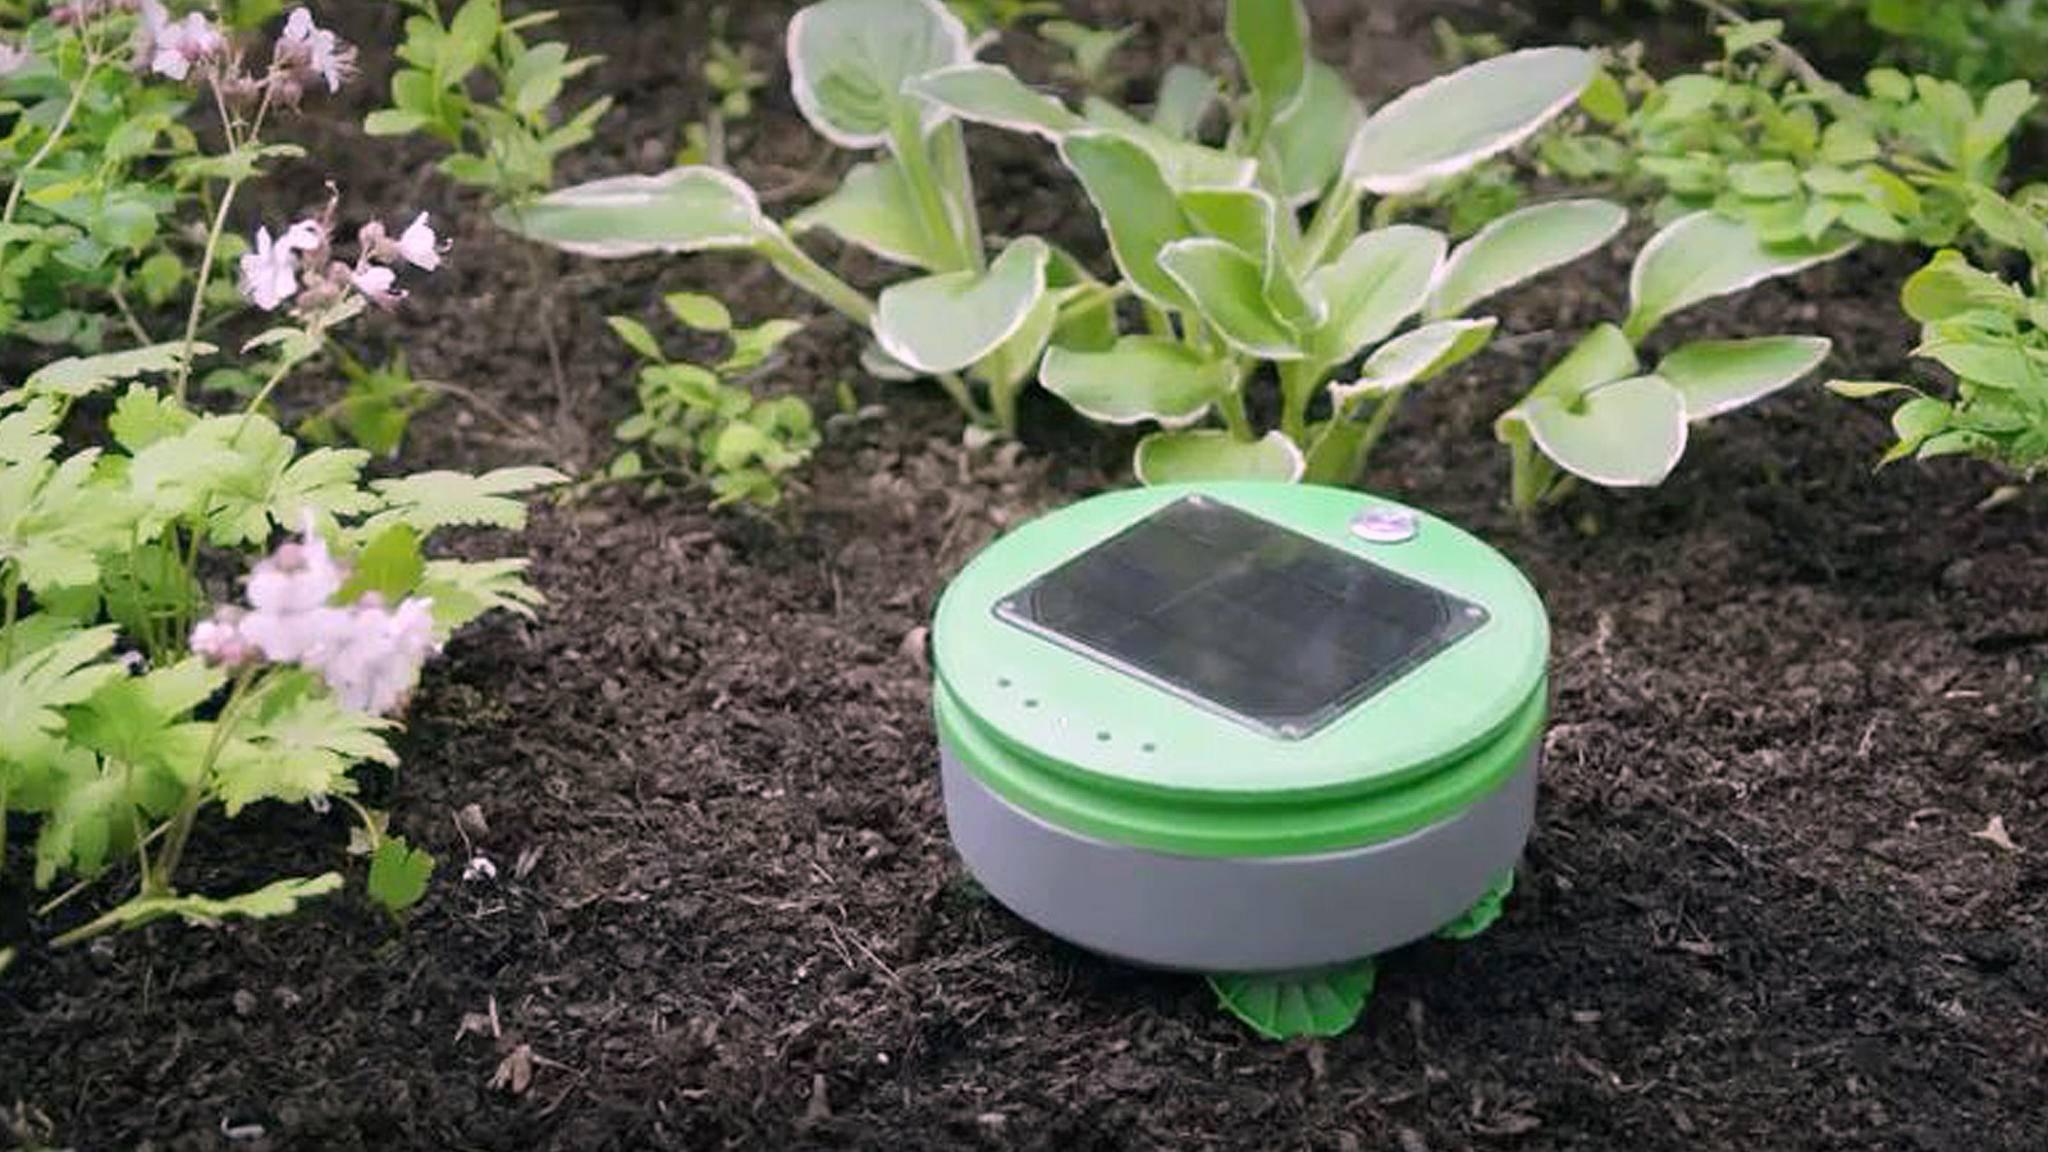 Tertill soll für einen unkrautfreien Garten sorgen.